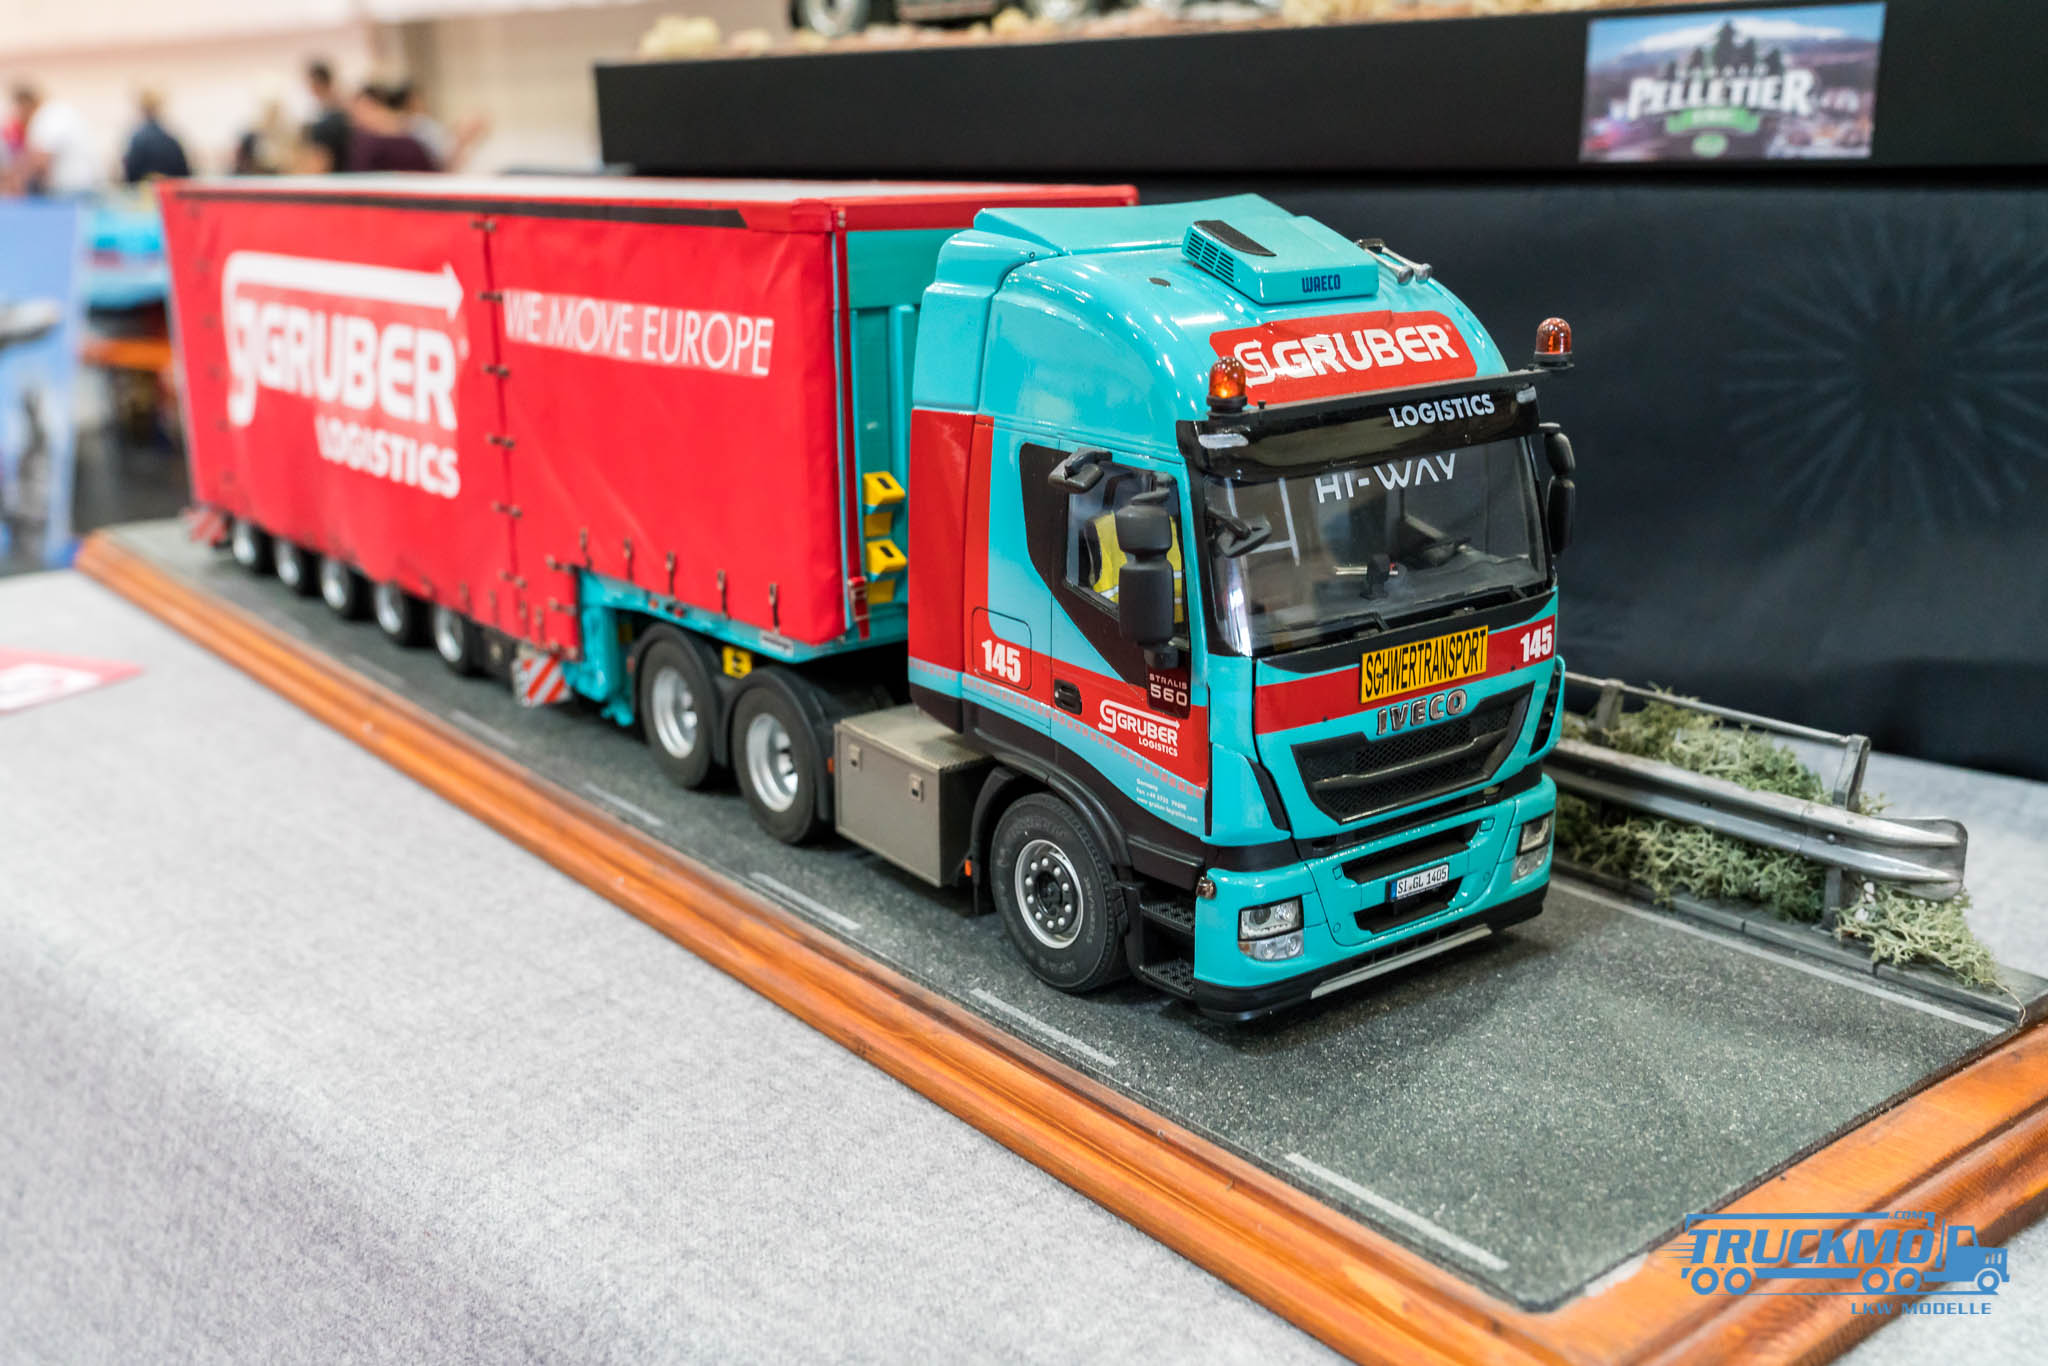 Truckmo_Modellbau_Ried_2017_Herpa_Messe_Modellbauausstellung (392 von 1177)